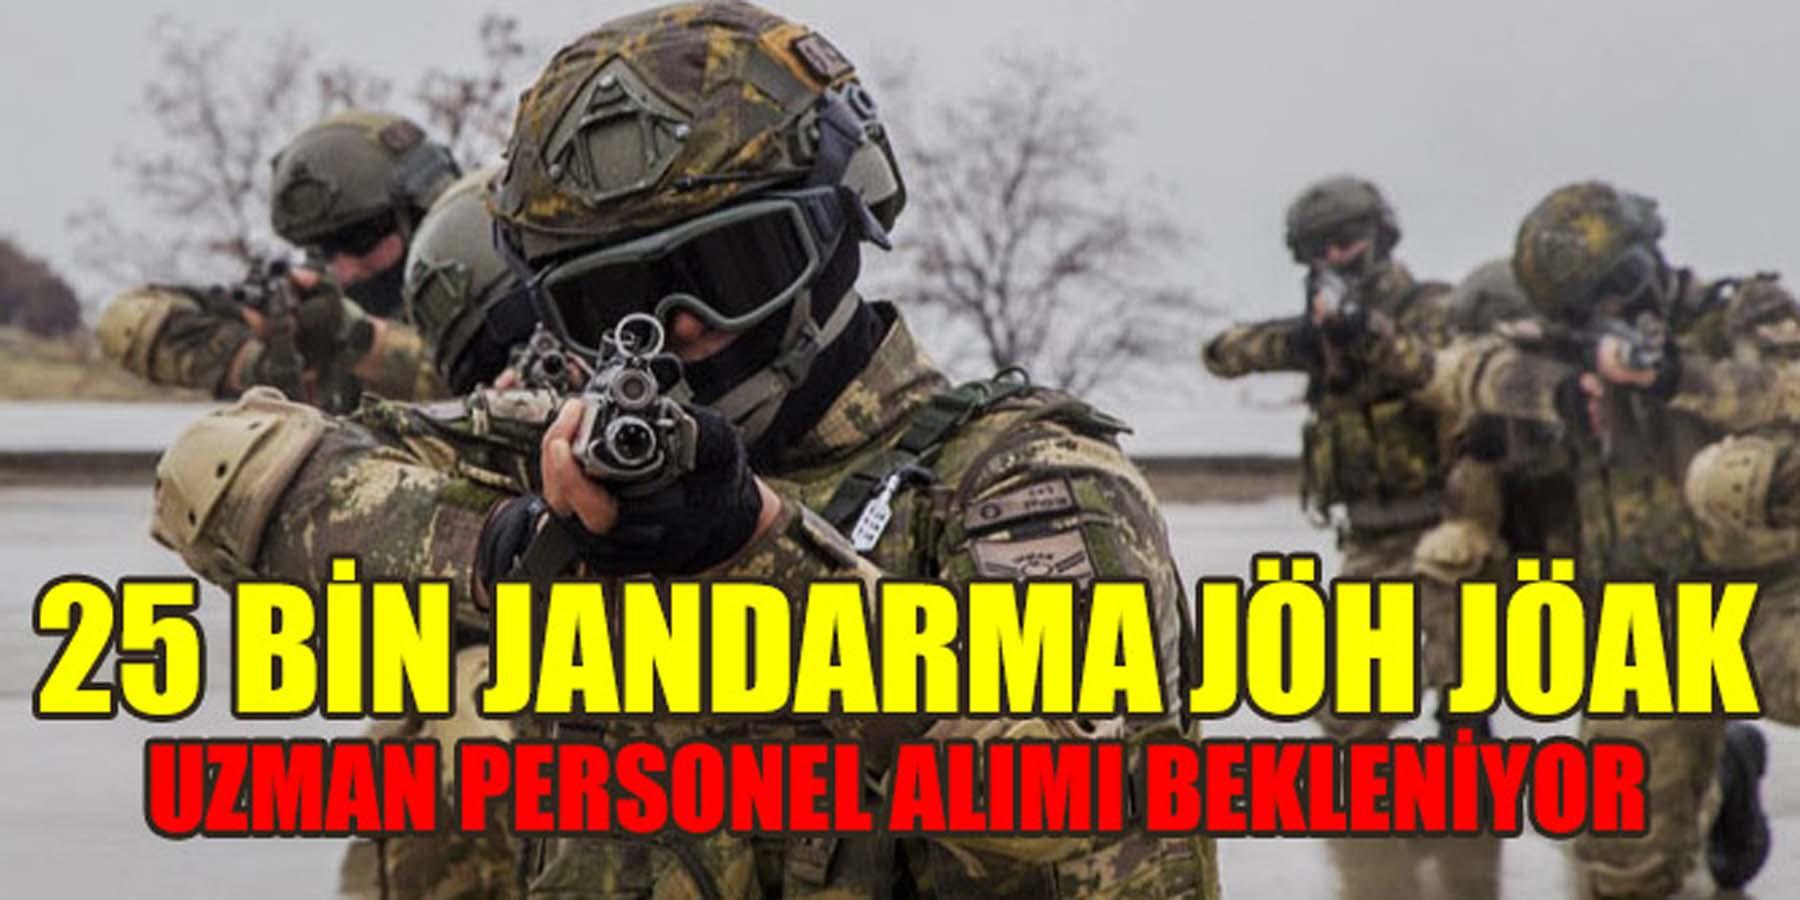 25 Bin Jandarma JÖH, JÖAK Uzman Personel Alımı Bekleniyor